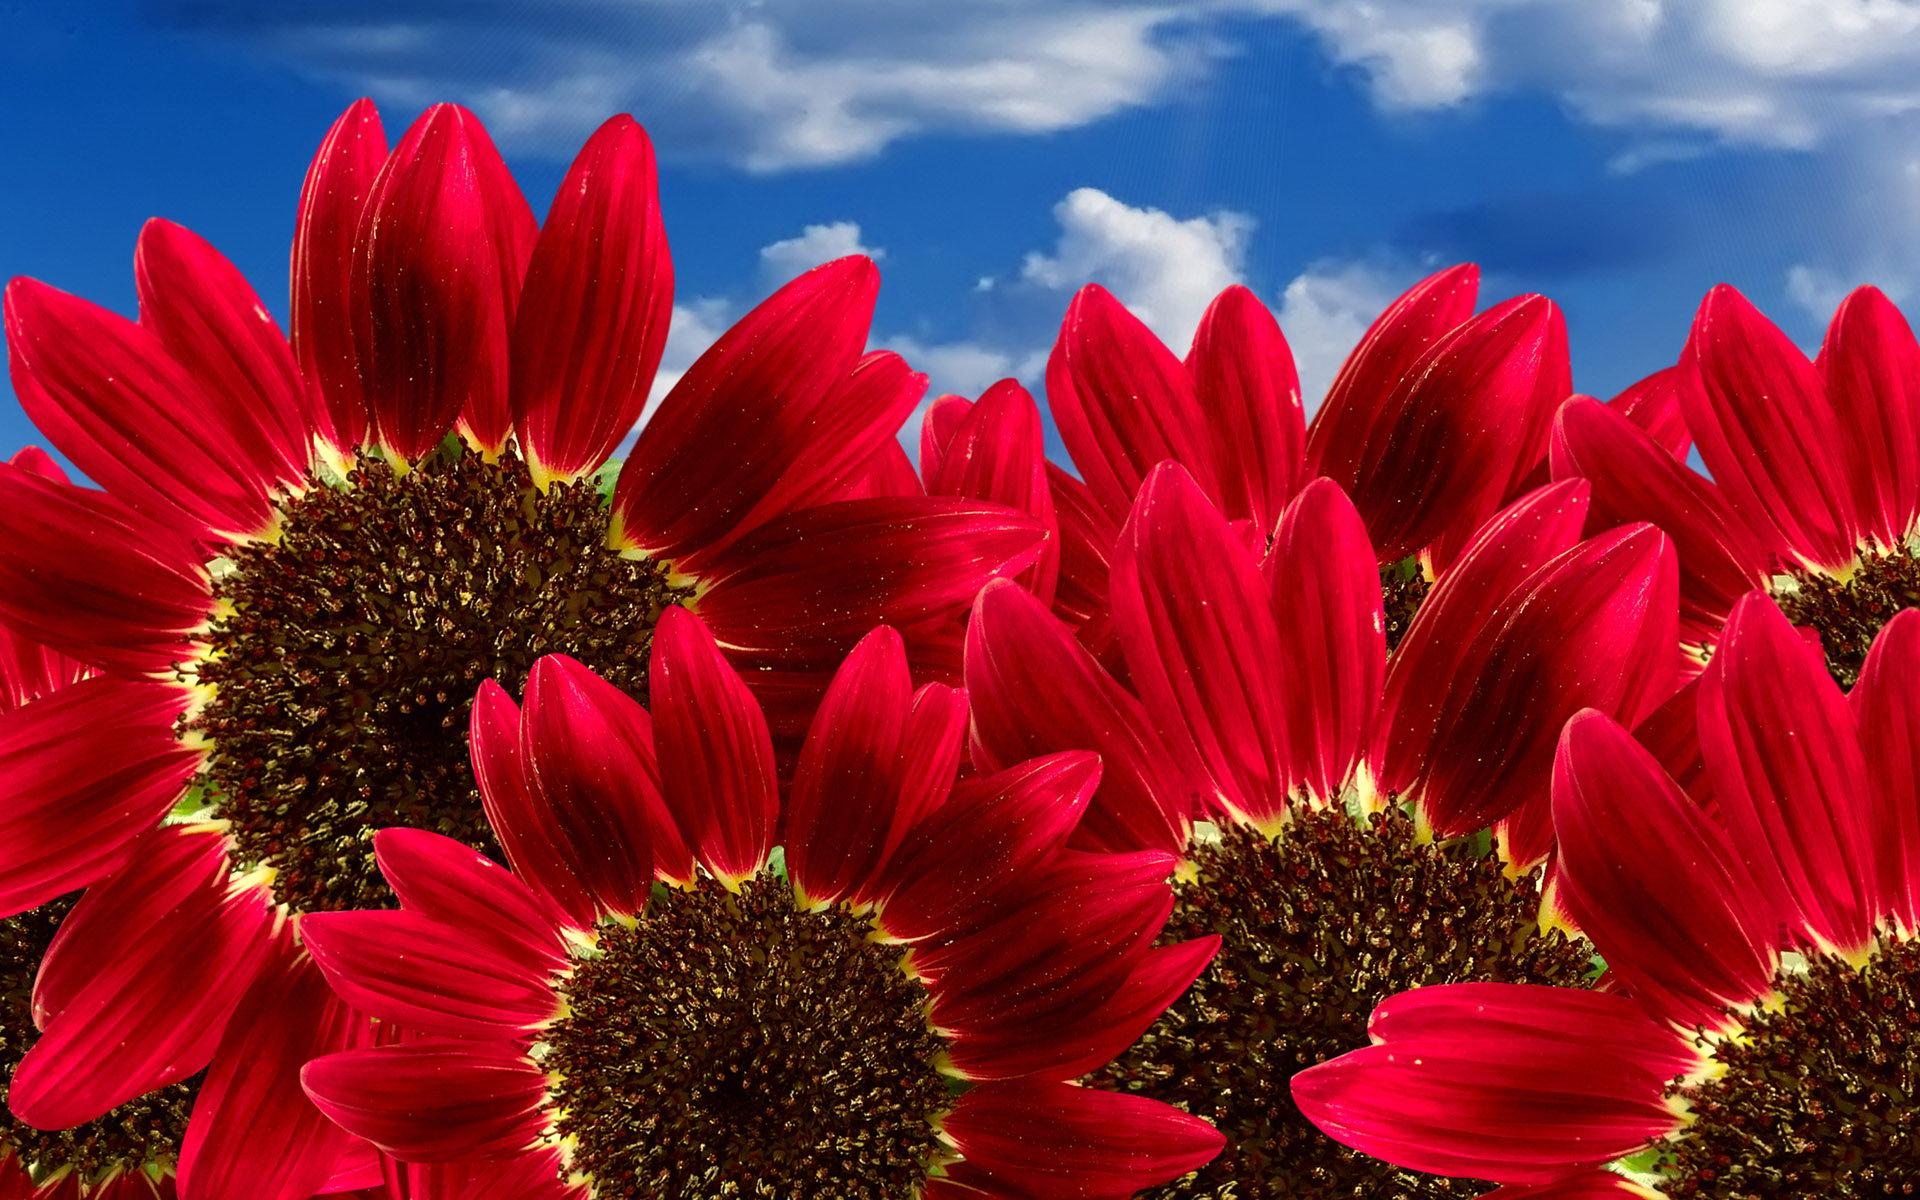 Sfondi desktop windows 10 fiori